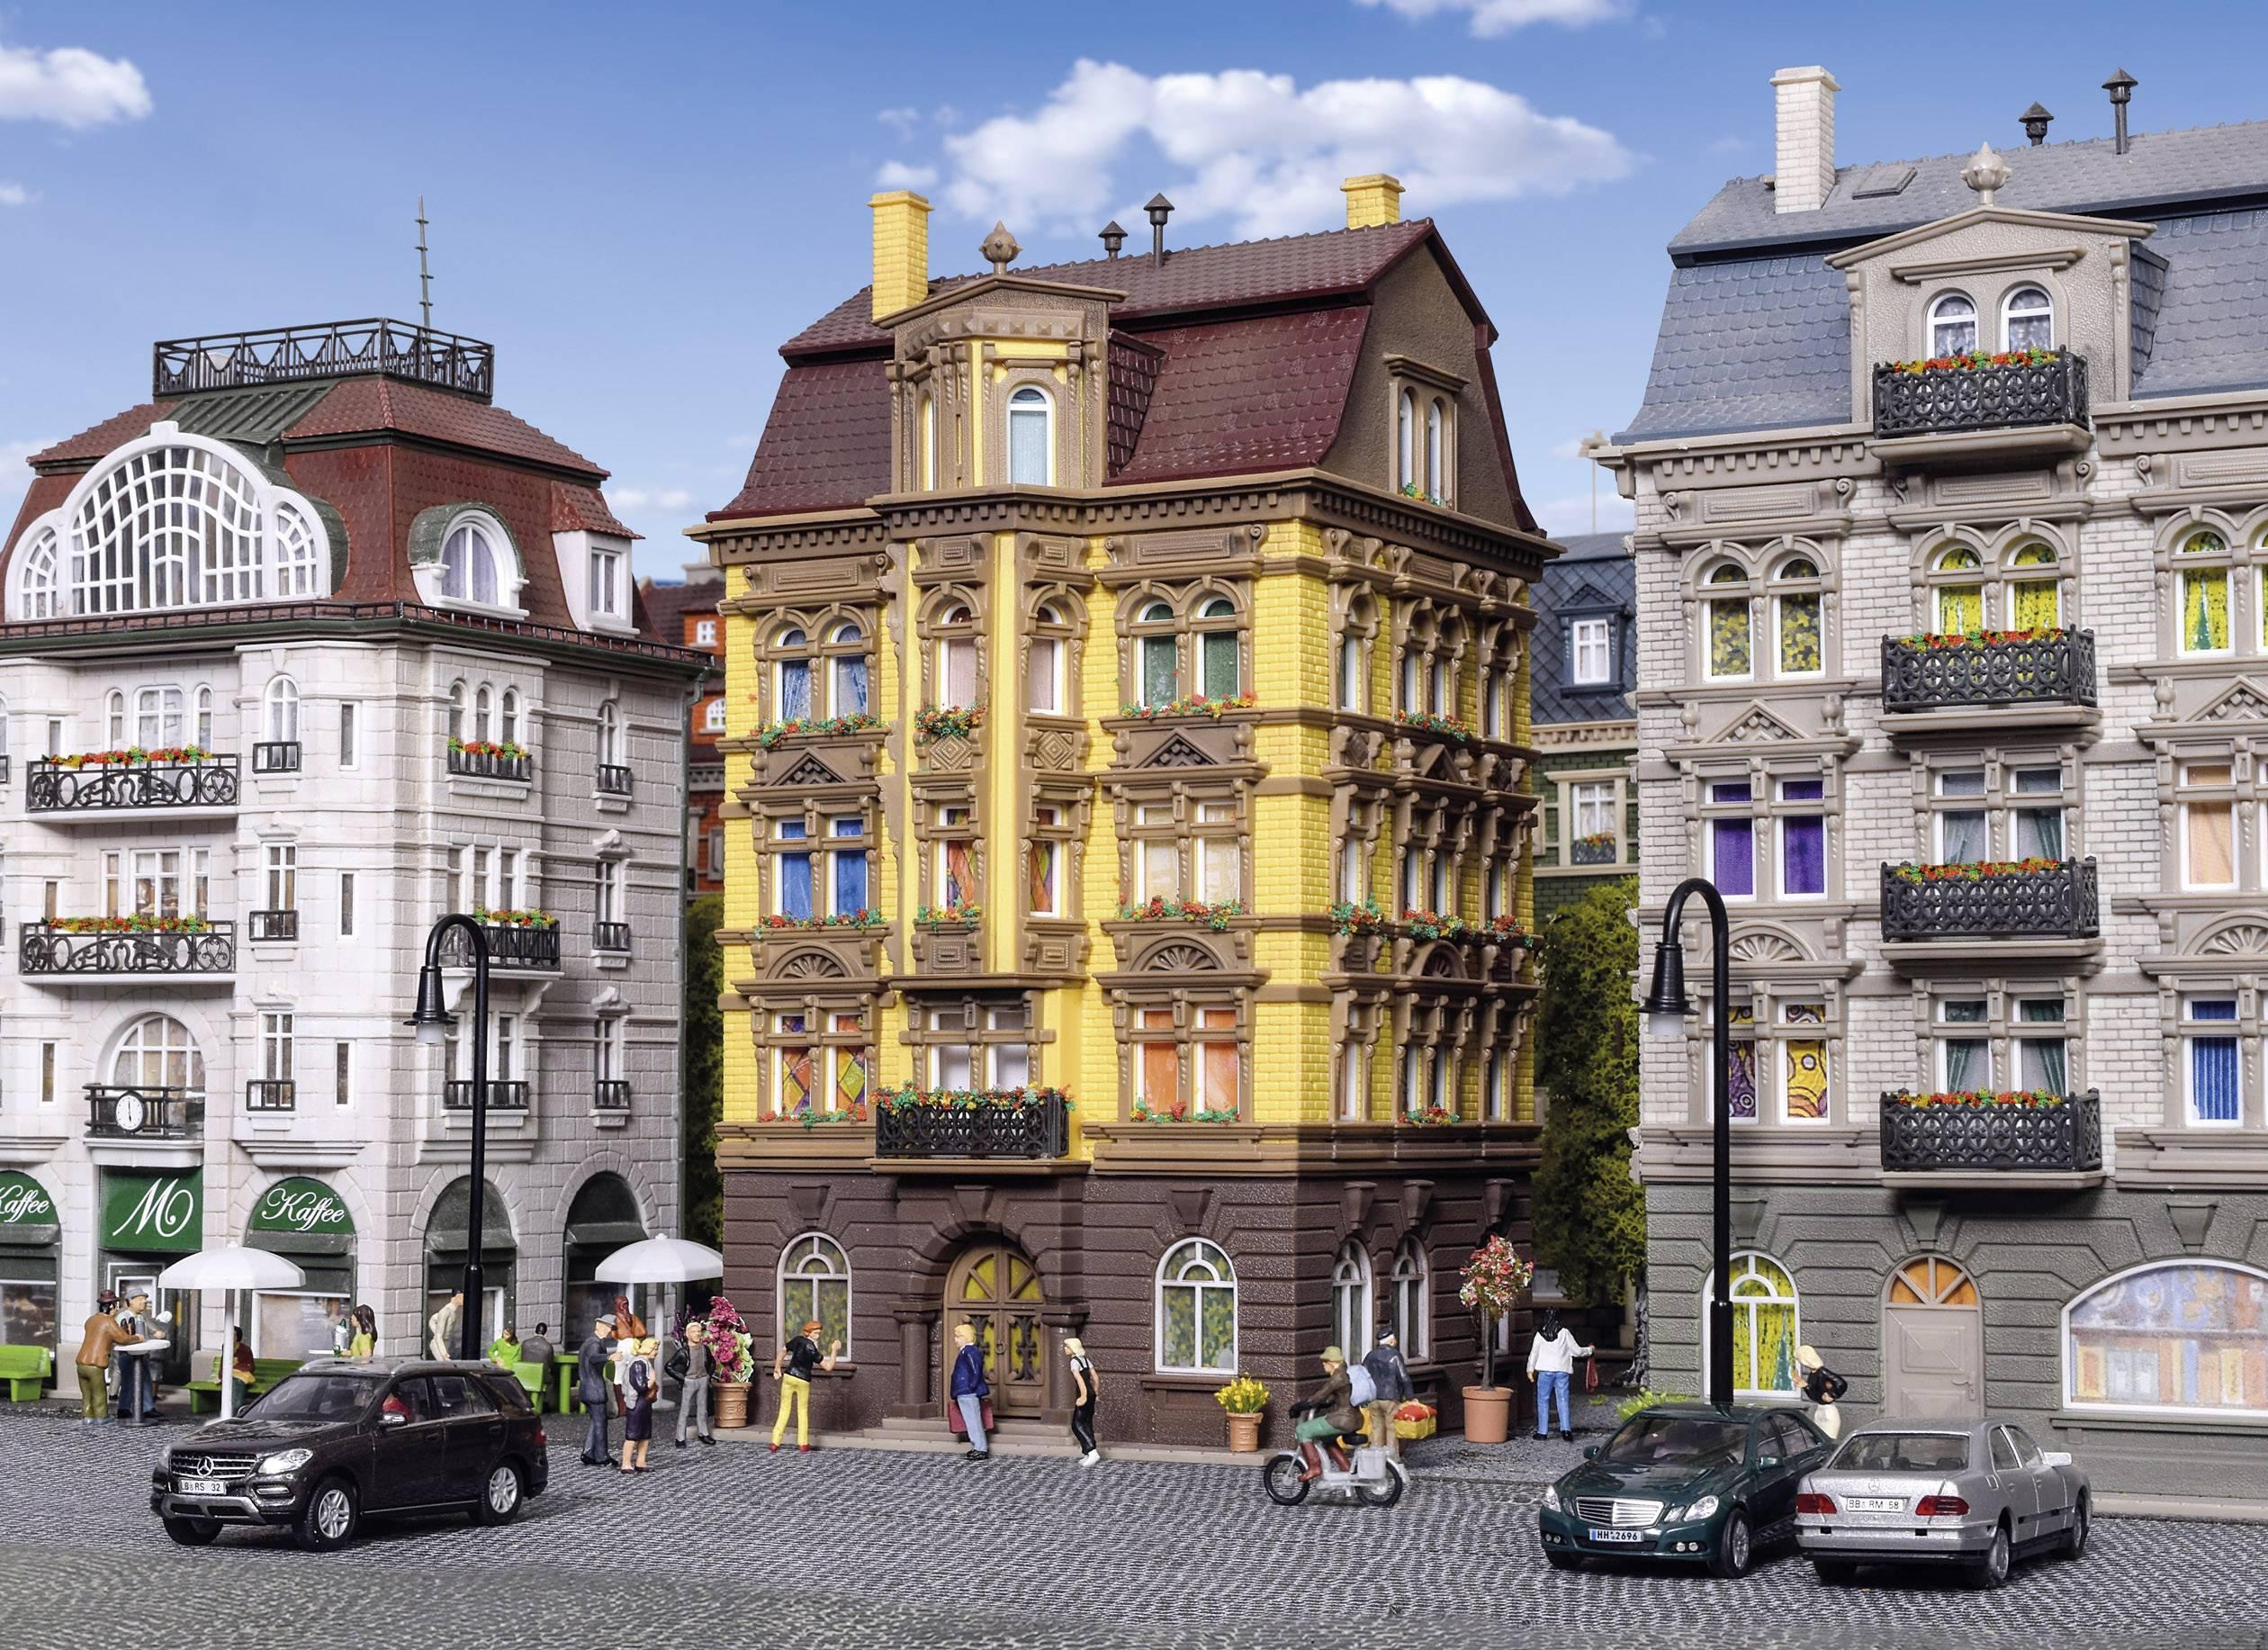 Casa di abitazione Schlossalle